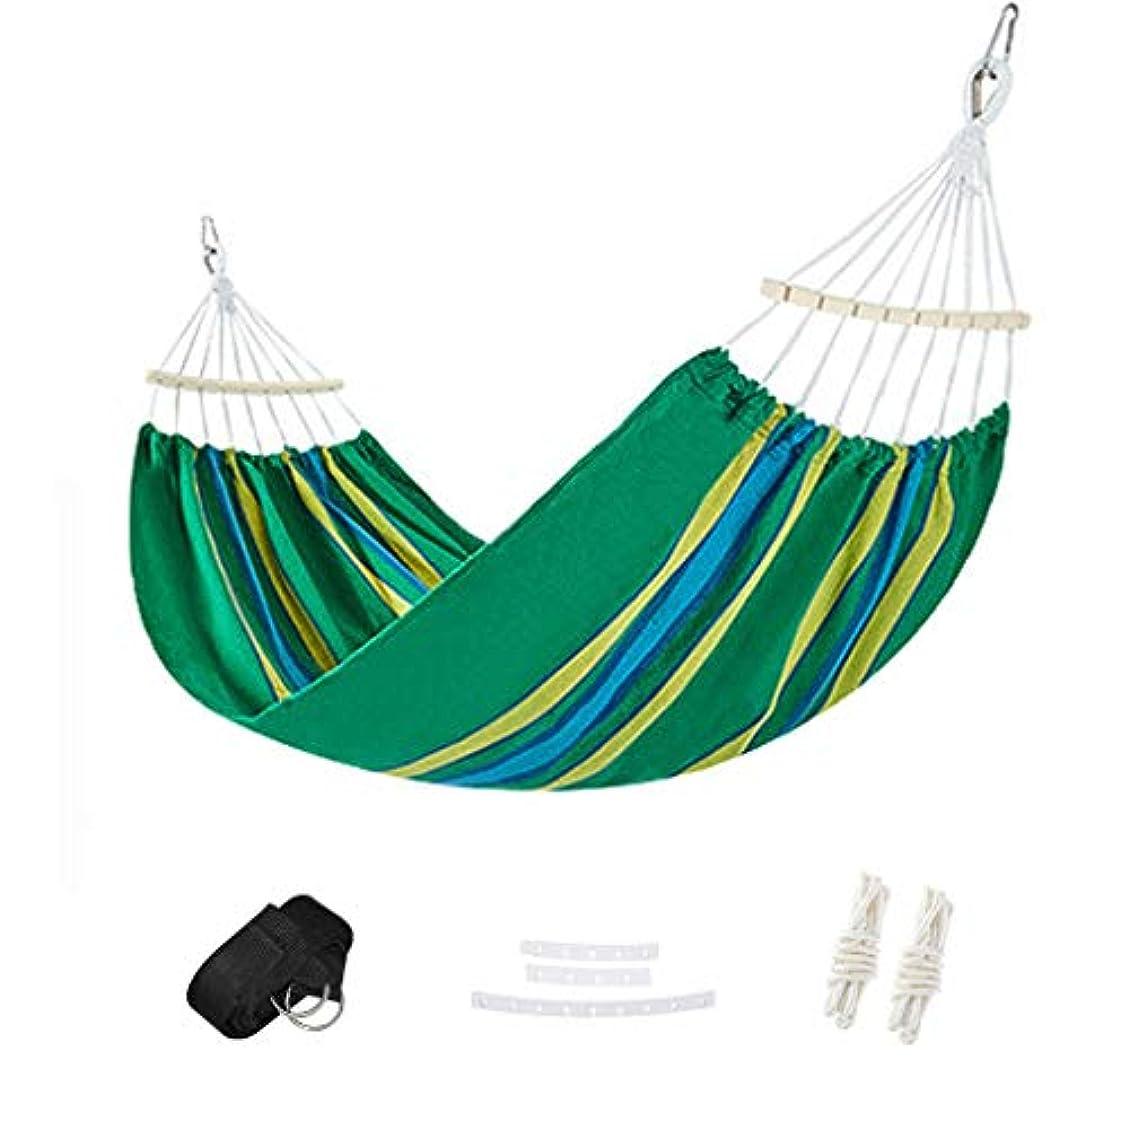 航空便疎外するアリーナハンモックキャンプビーチスイングベッドロールオーバー防止バランスコットンキャンバス簡単にポーチ、屋外および屋内用